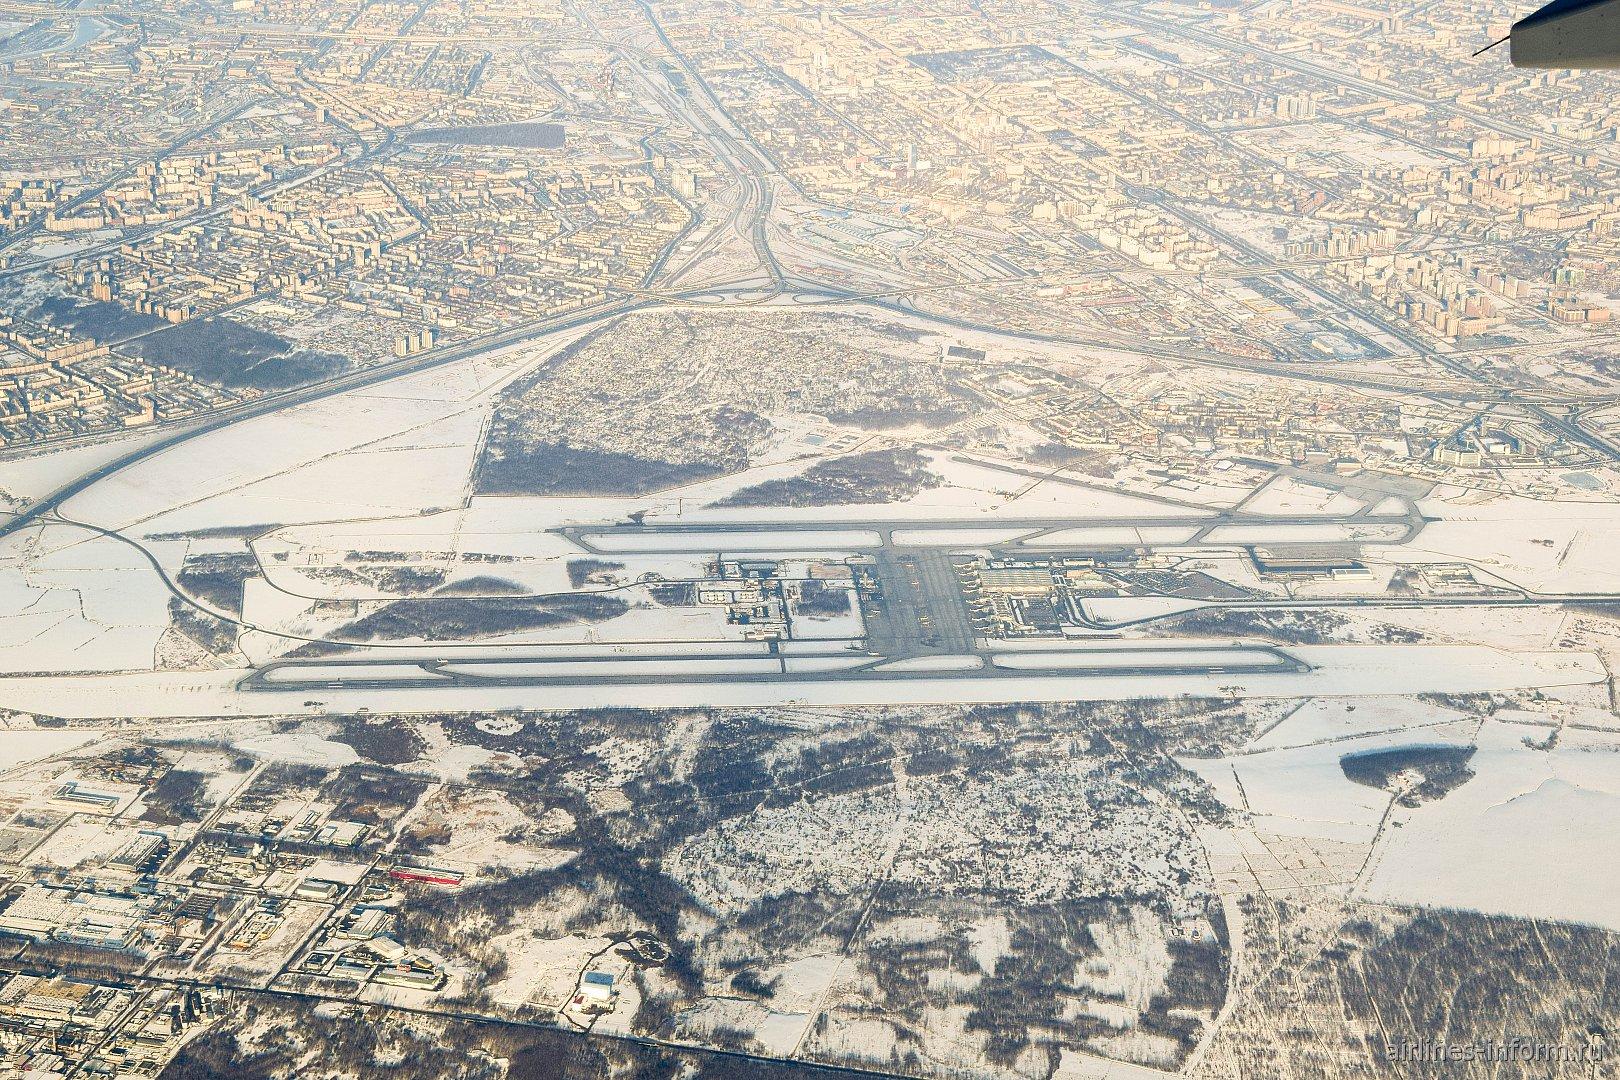 Вид сверху на аэропорт Санкт-Петербург Пулково